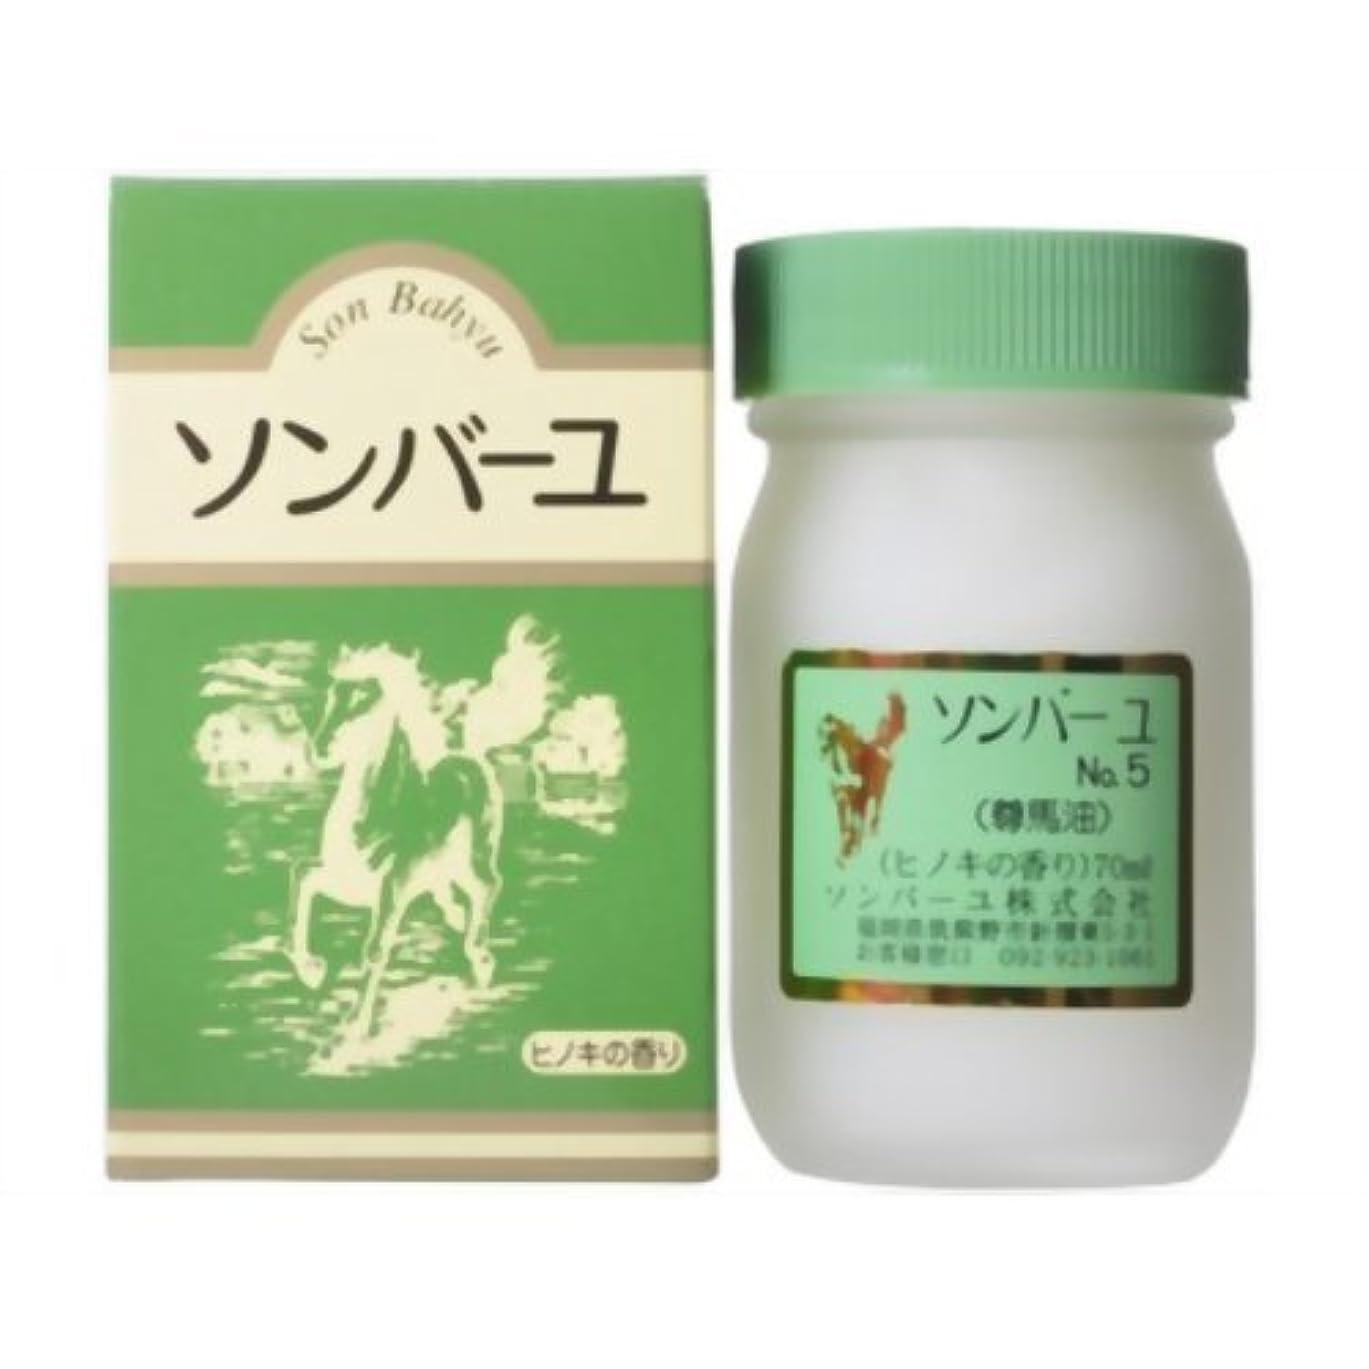 唯一スペルアブストラクトソンバーユ ヒノキの香り 70ml